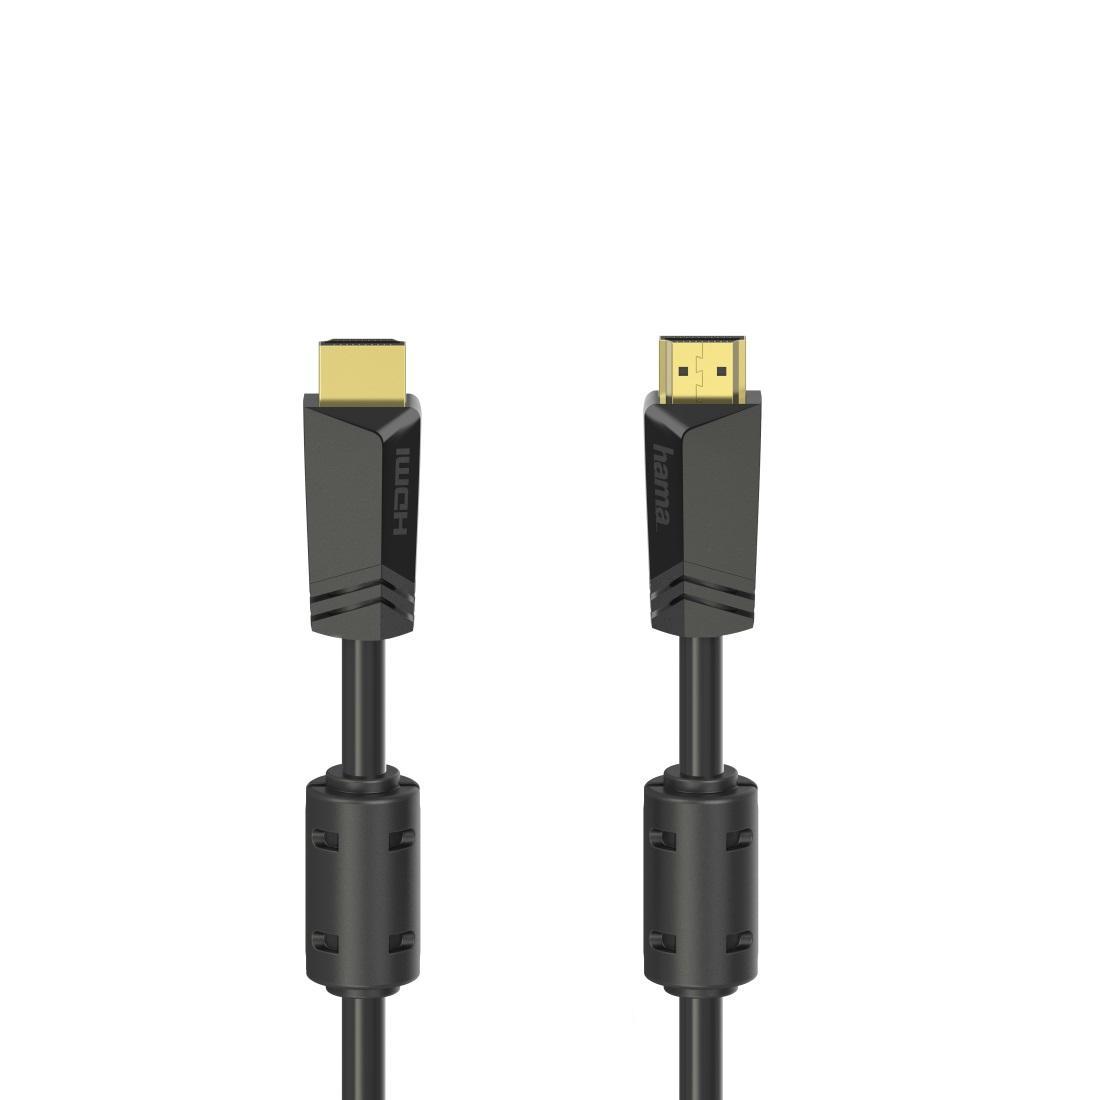 Кабел HAMA High-speed, HDMI мъжко - HDMI мъжко, 4K, 10.2GB/s, Ethernet, 15 м, Позл. конектори, 2 филтъра, Черен